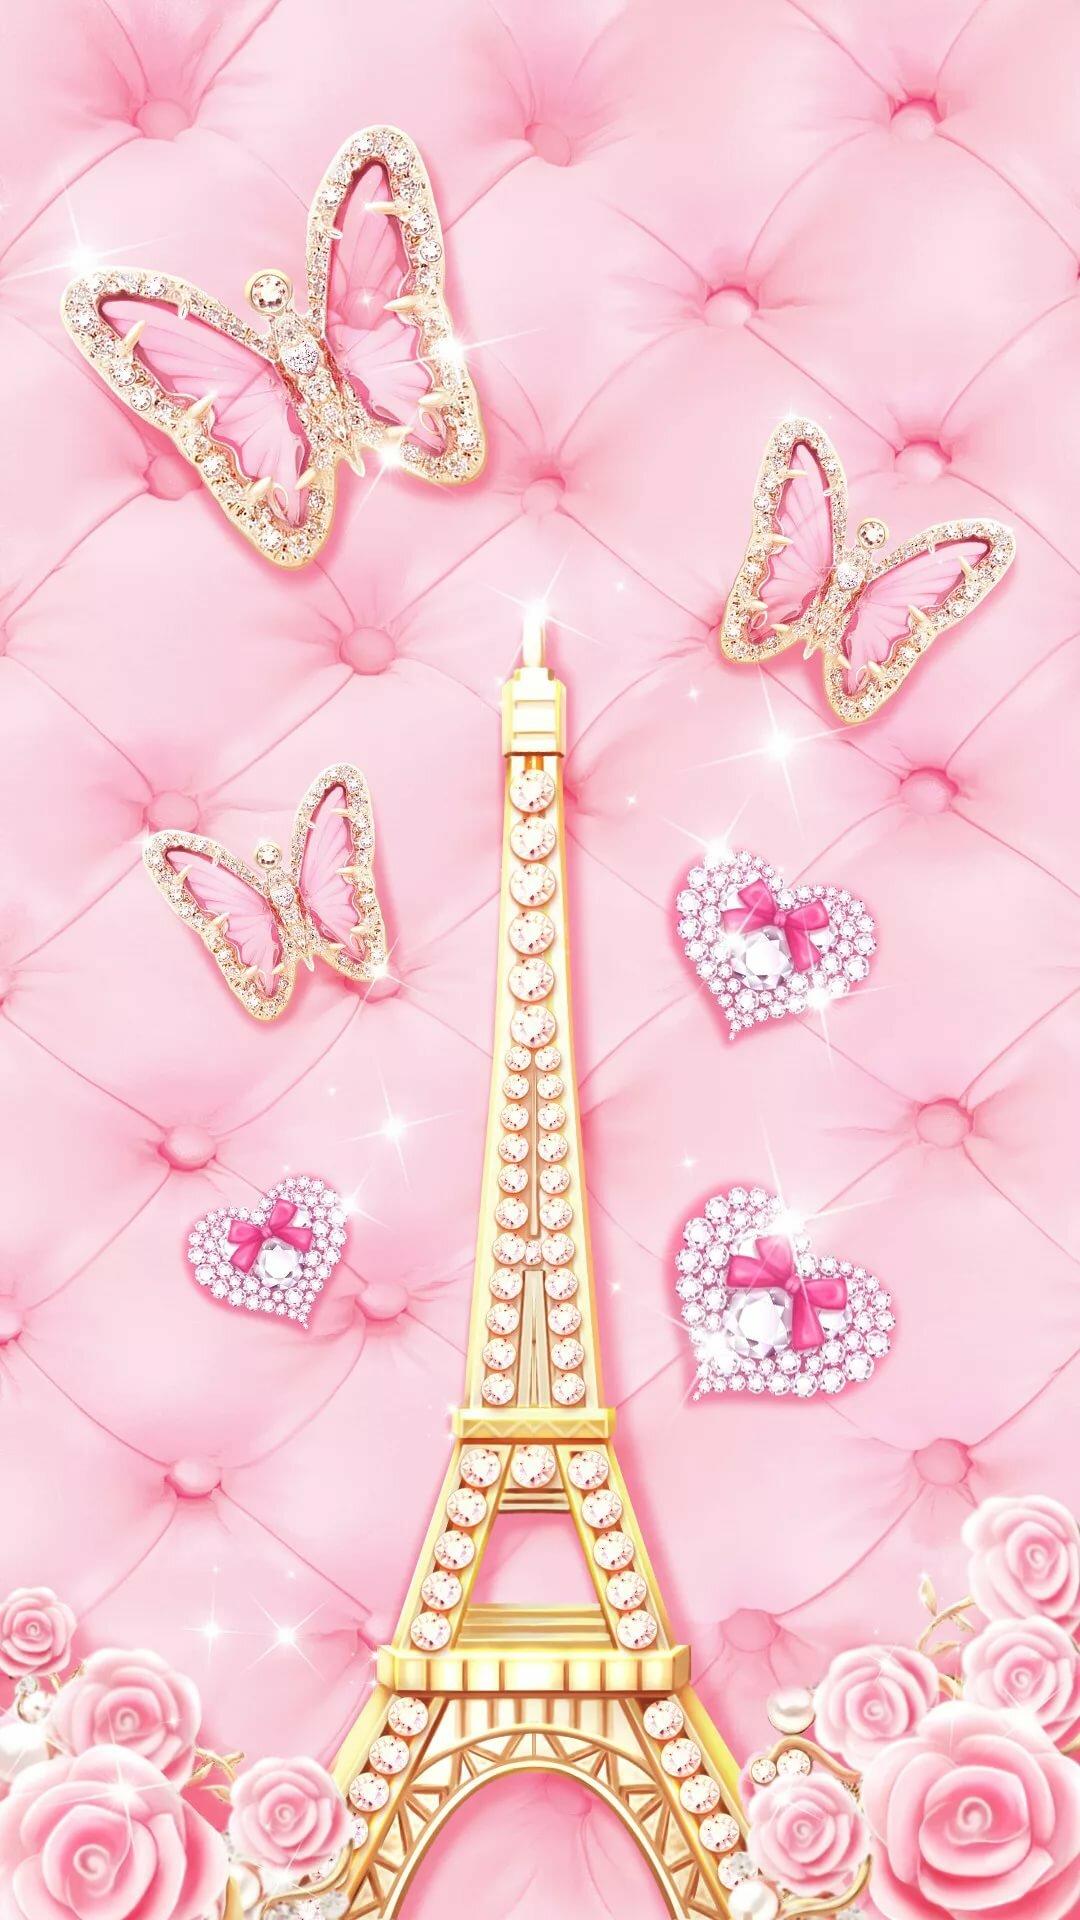 Картинки на телефон заставку для девочек